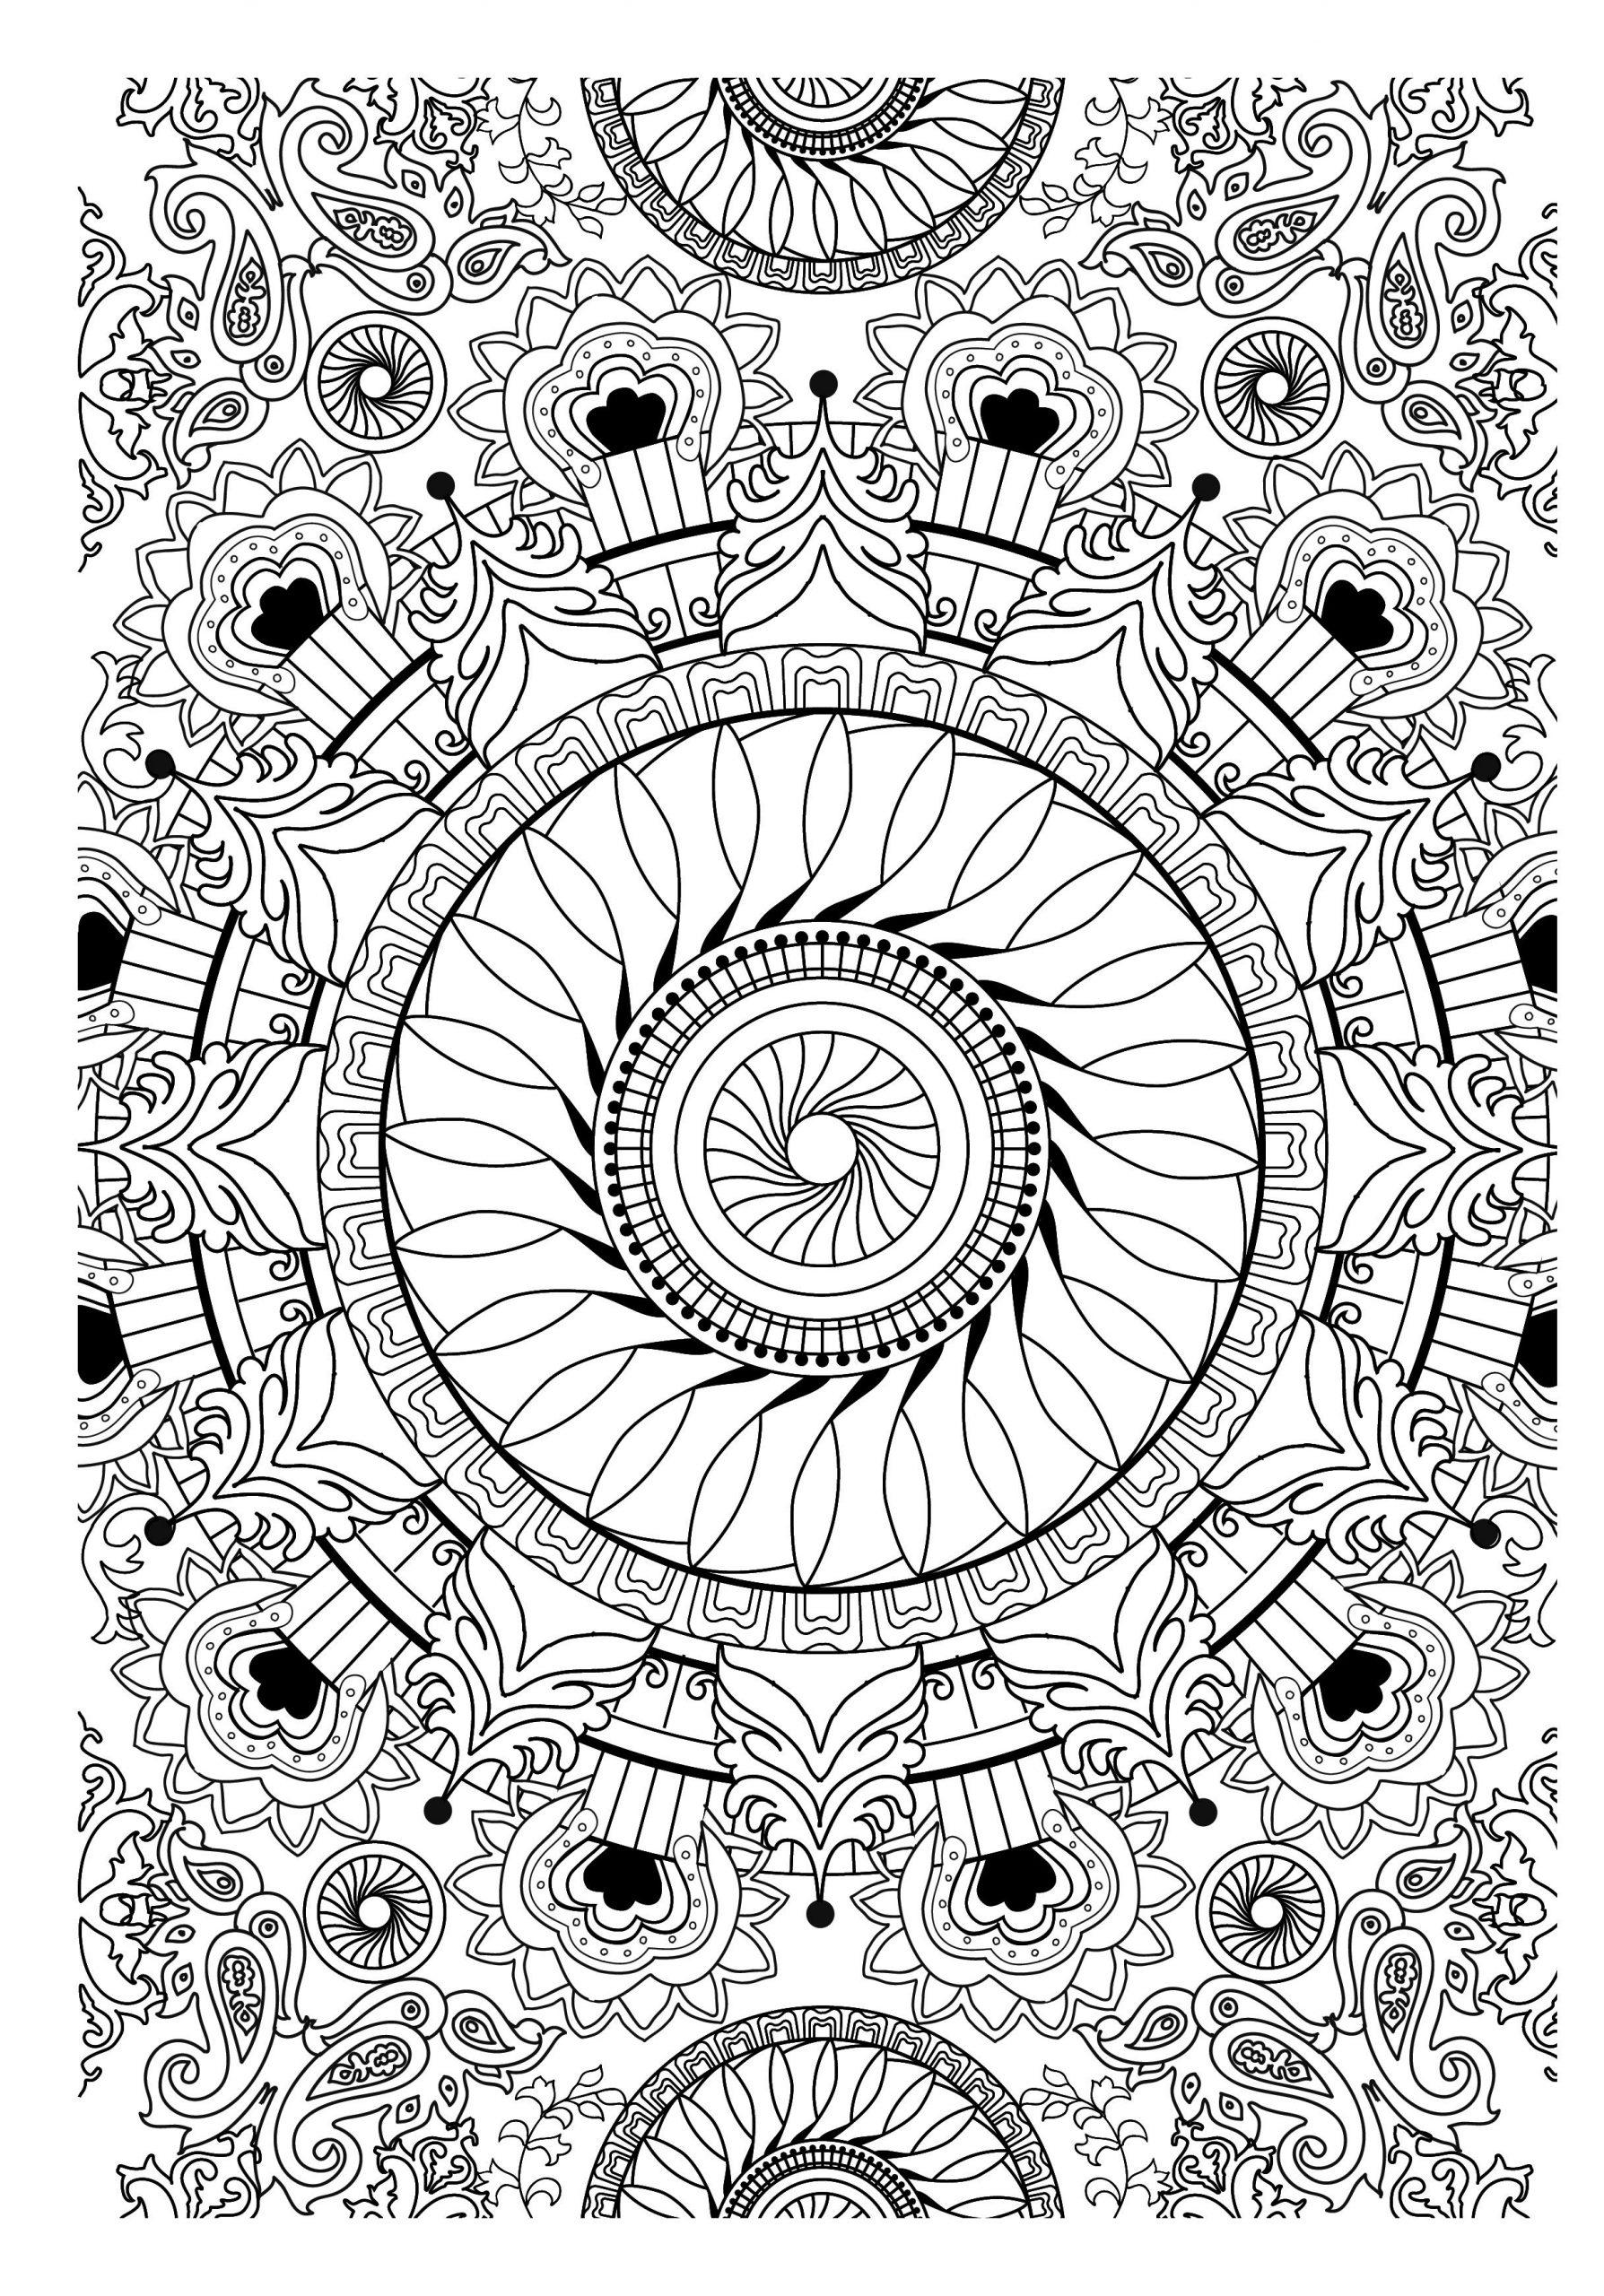 Dessin Anti-Stress À Imprimer #18874 | Coloriage Anti Stress tout Coloriage De Mandala Difficile A Imprimer